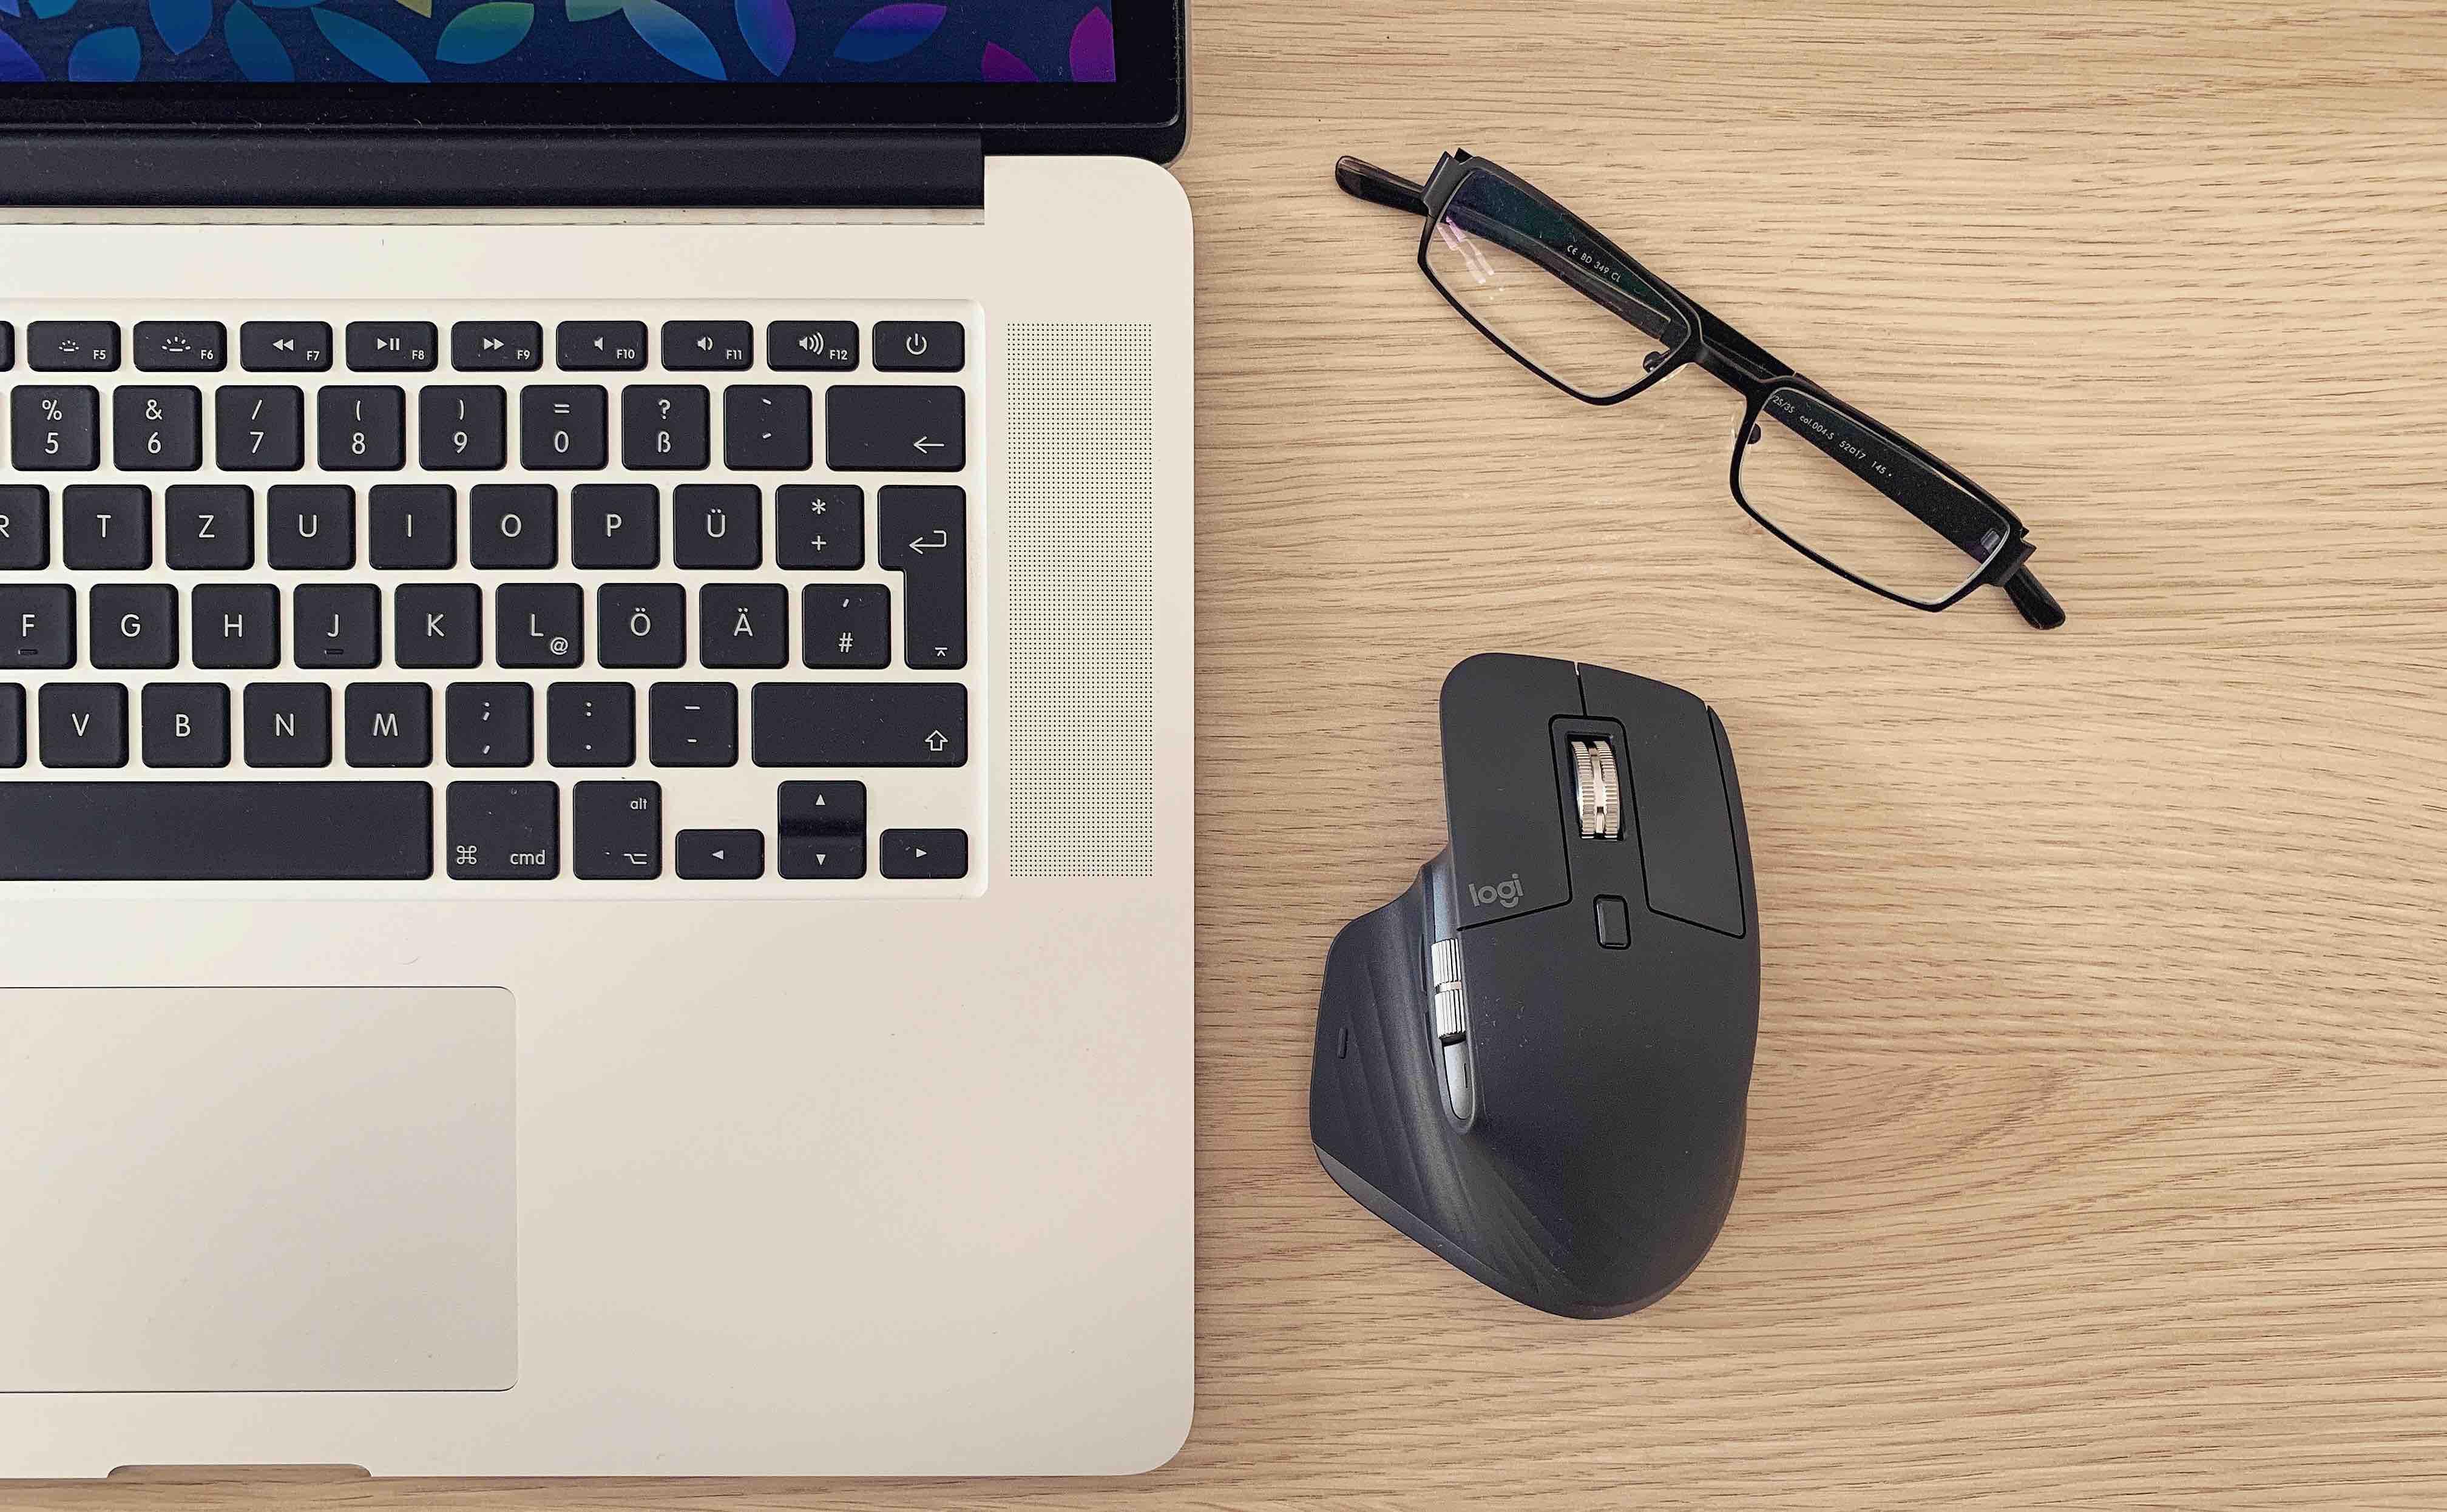 Logitech_MX_Master_3_Maus_Mouse_Mac_Review1 MX Master 3 von Logitech - die perfekte Maus für den Mac